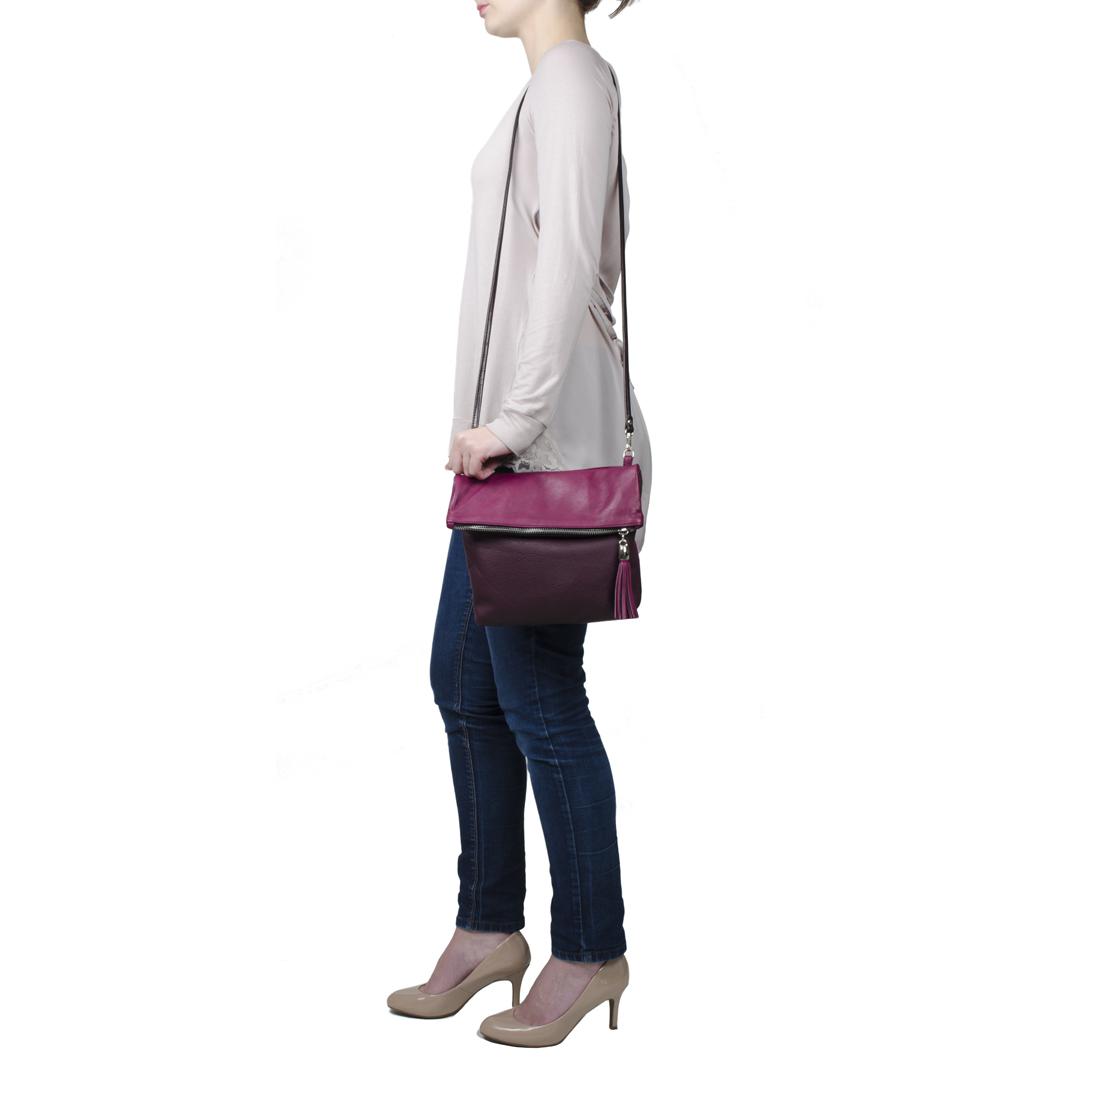 Sofia Blue with Black Across Body Bag